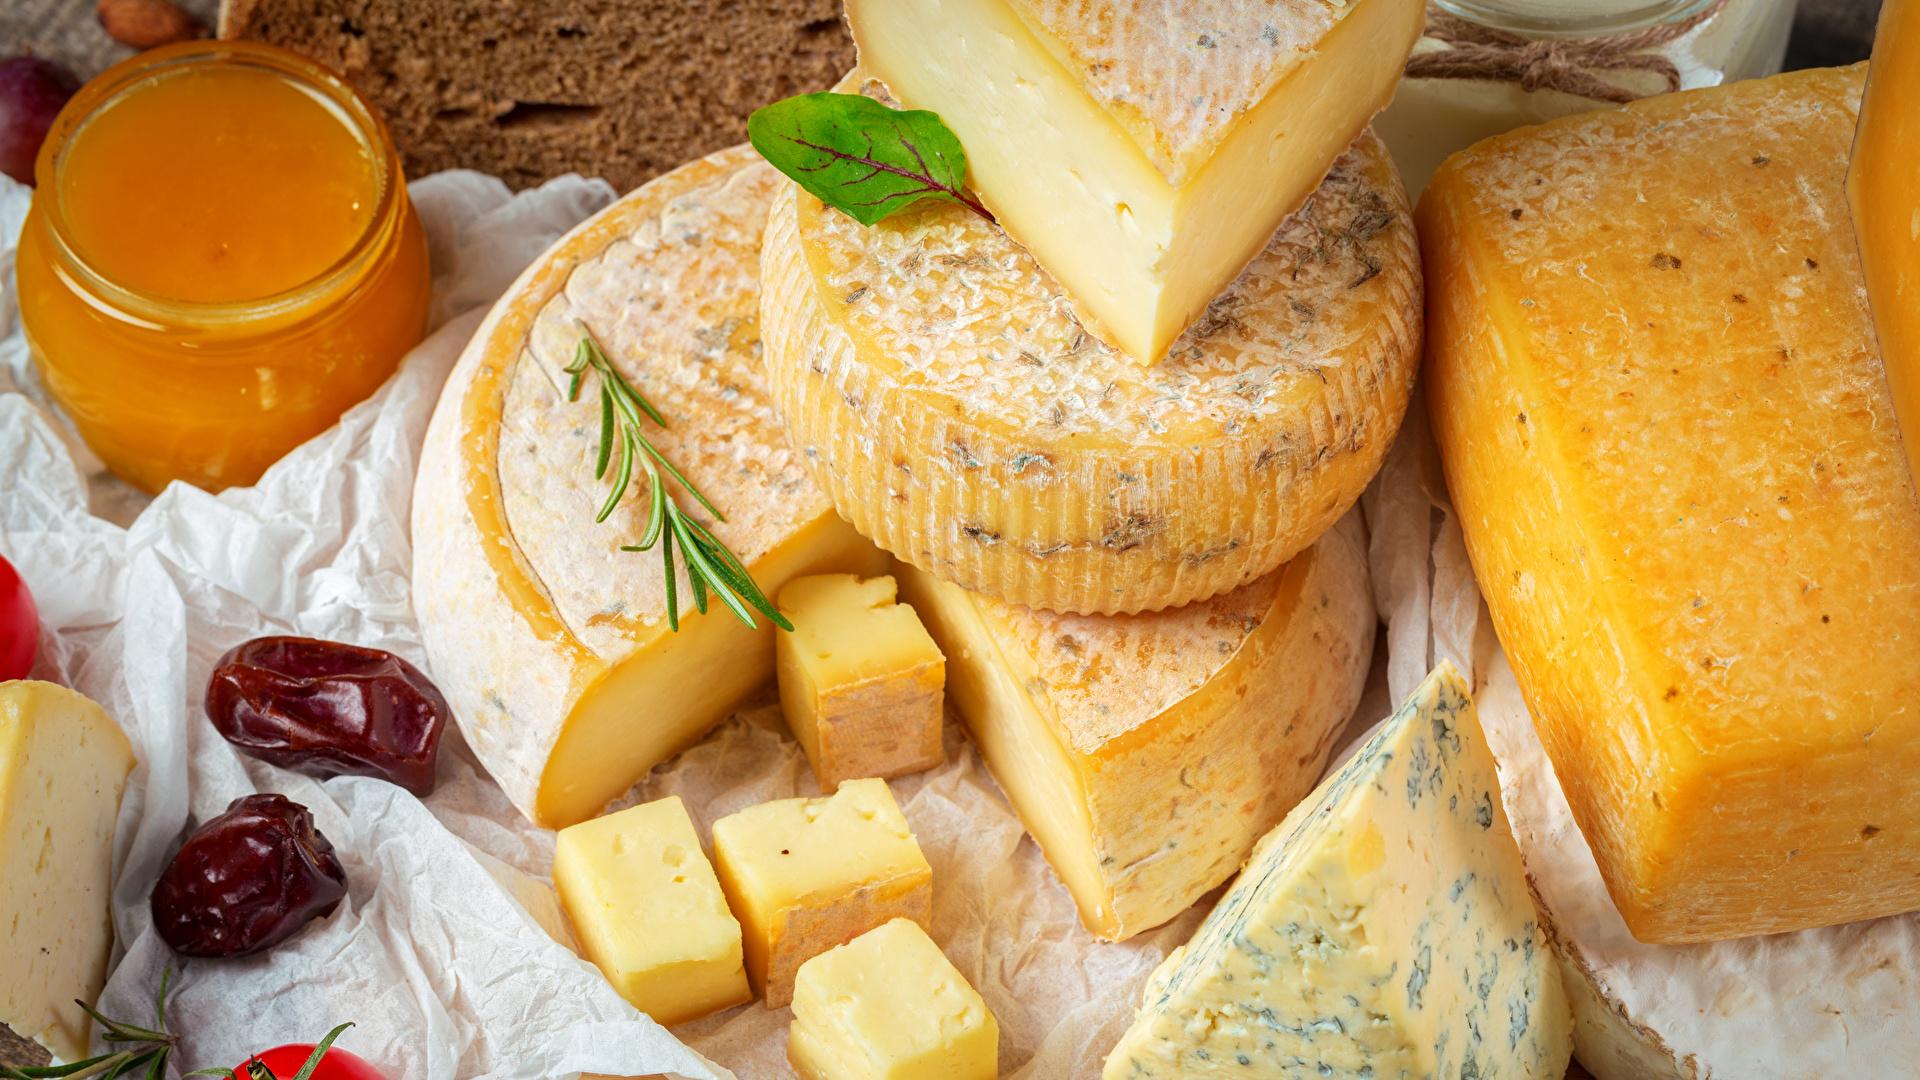 Mayorista de quesos y fiambre